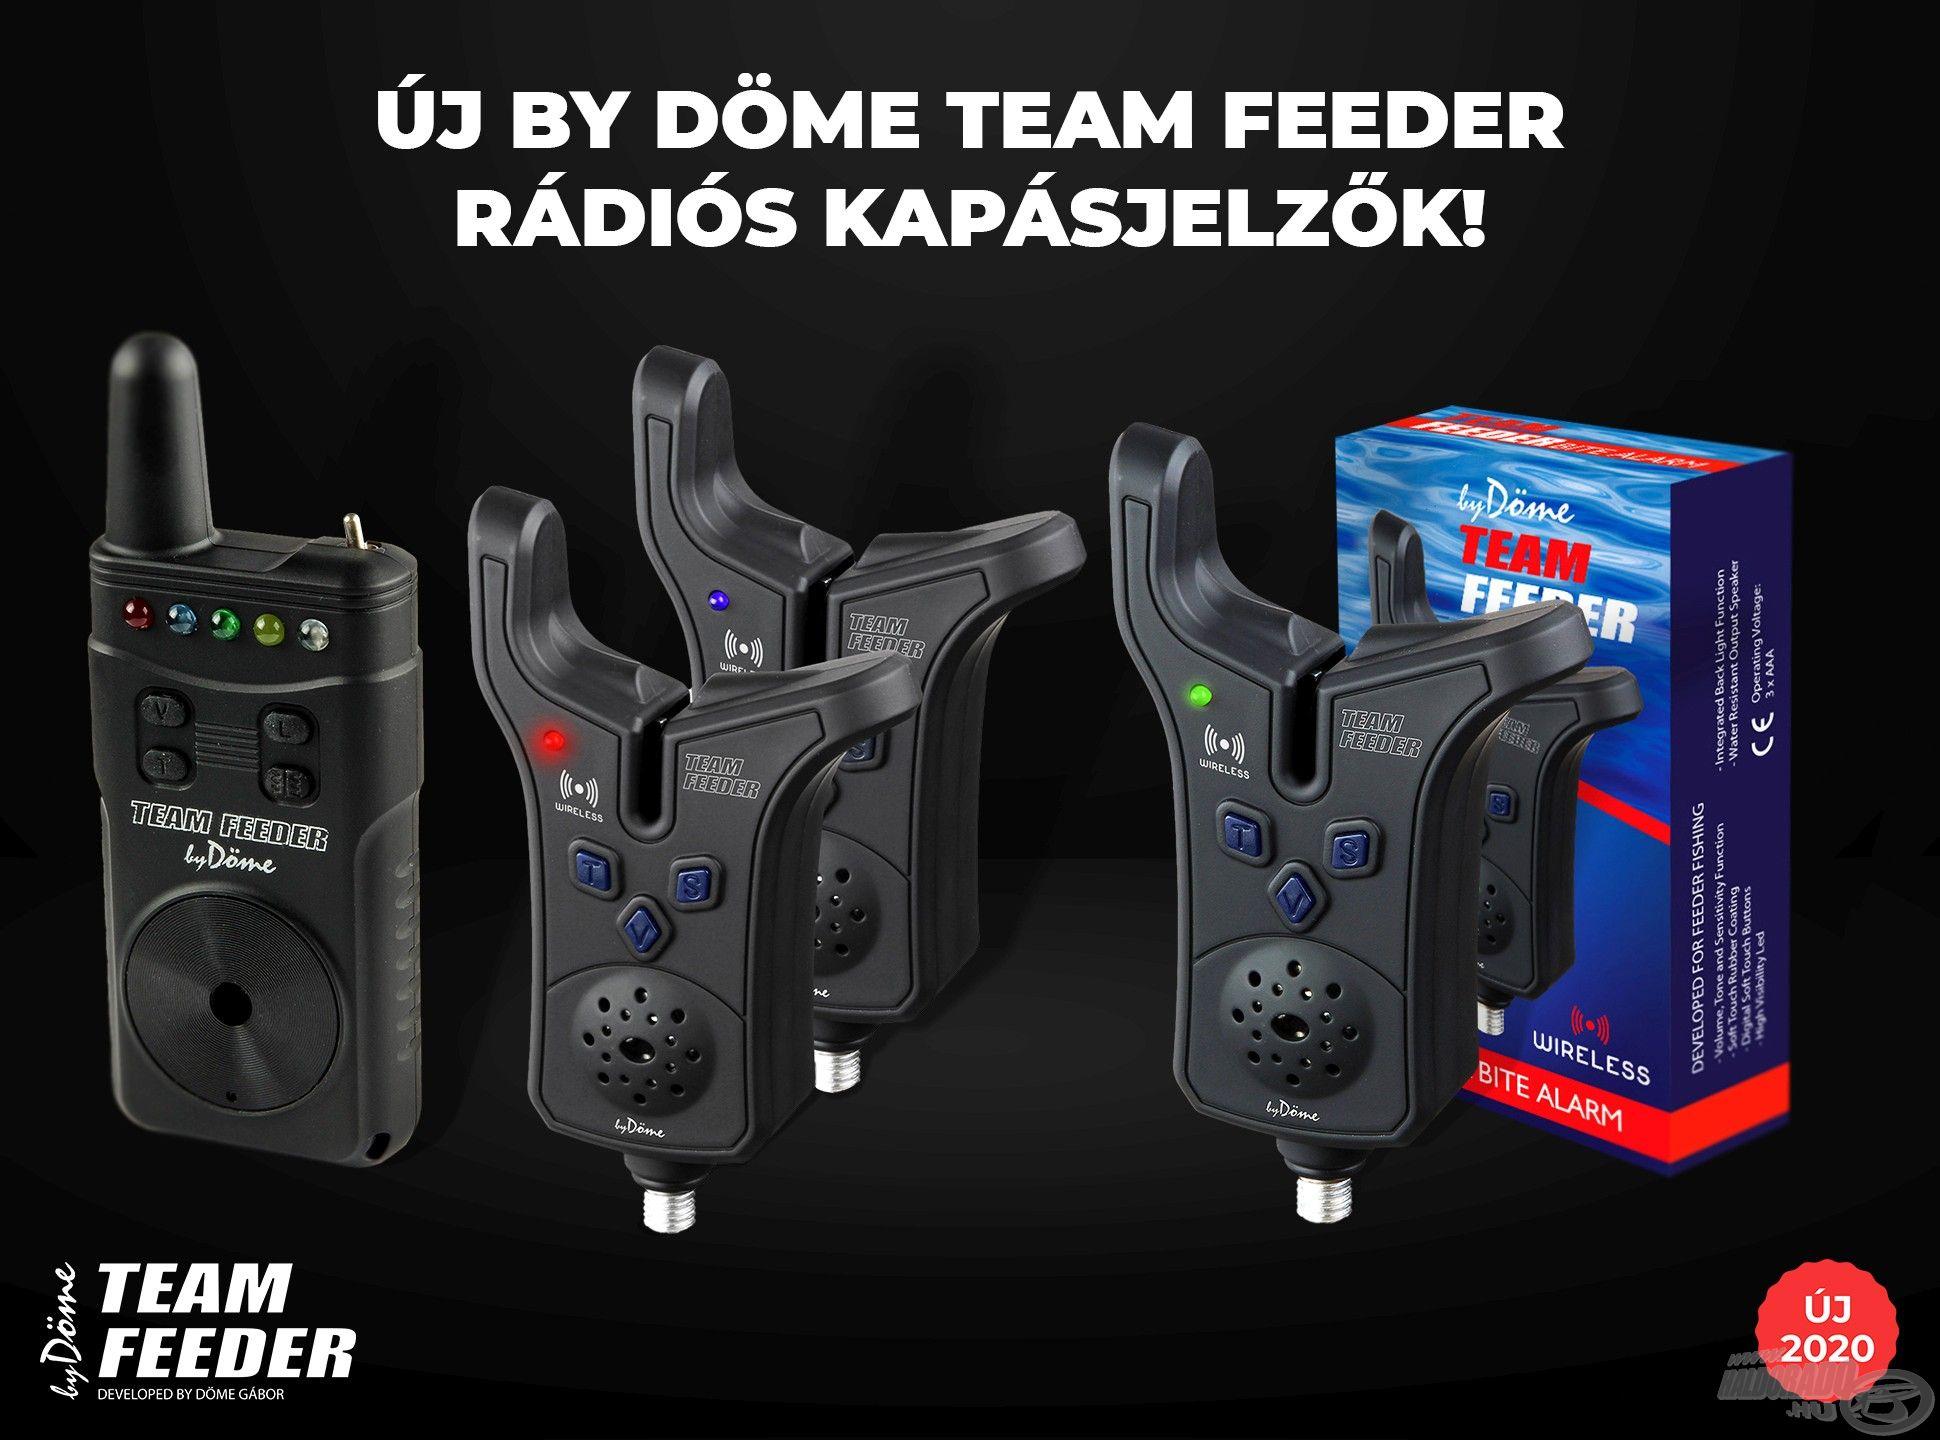 A 2020-as évben büszkén mutatjuk be a TEAM FEEDER Elektromos Kapásjelző továbbfejlesztett, rádiós vevőegységgel kiegészített változatait, melyeket egy 2+1-es készletben, valamint egy különálló, egyben az előbbivel kompatibilis Wireless készülék formájában kínálunk!